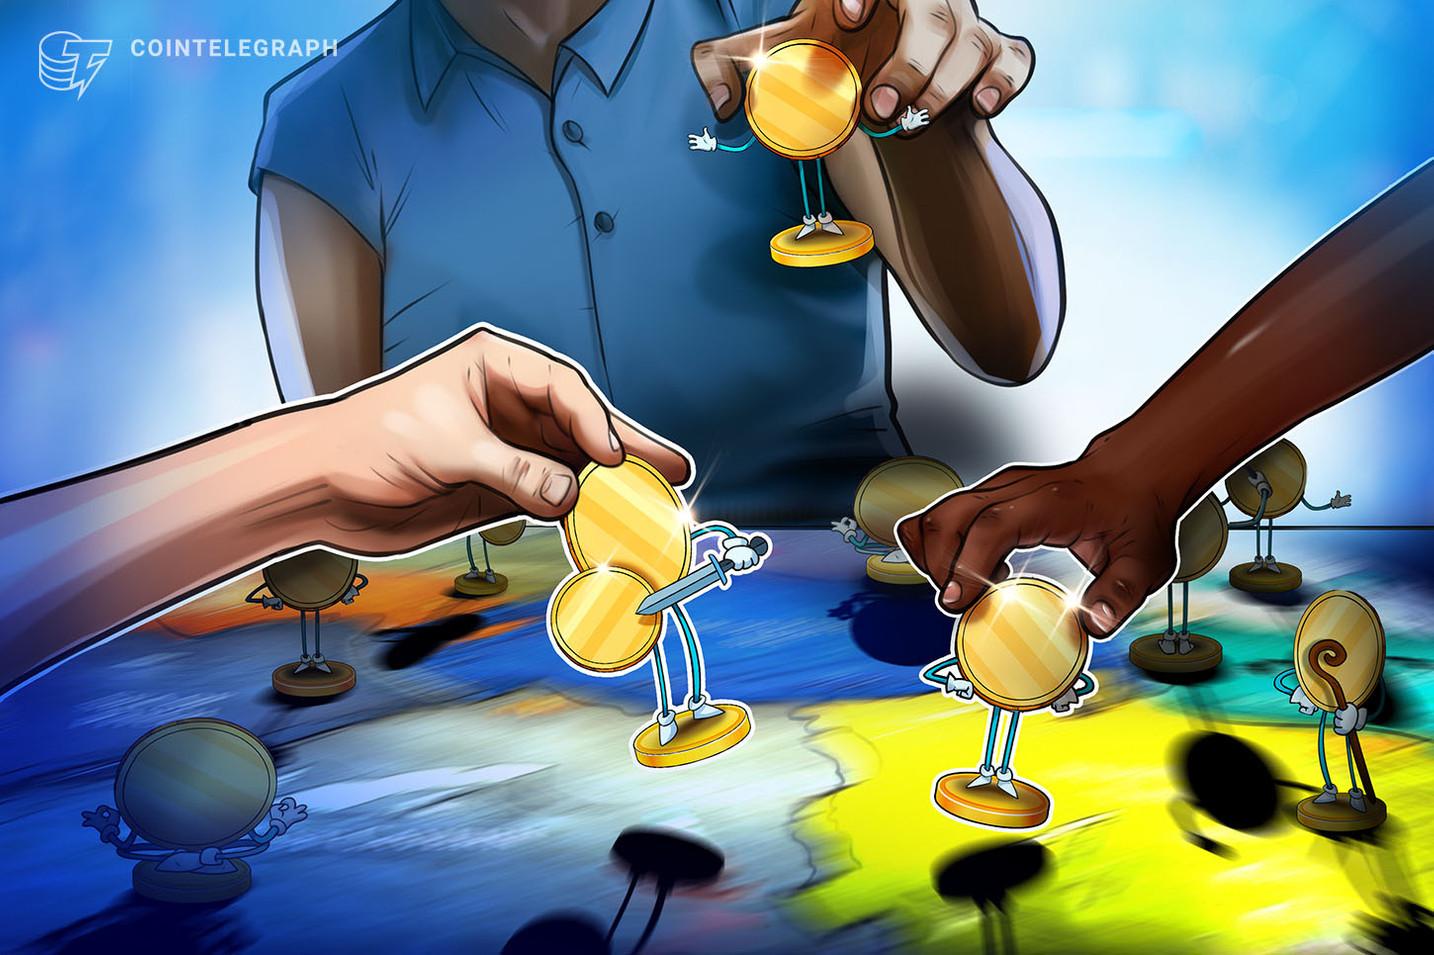 Inversiones institucionales en Bitcoin y las criptomonedas serán discutidas en encuentro digital